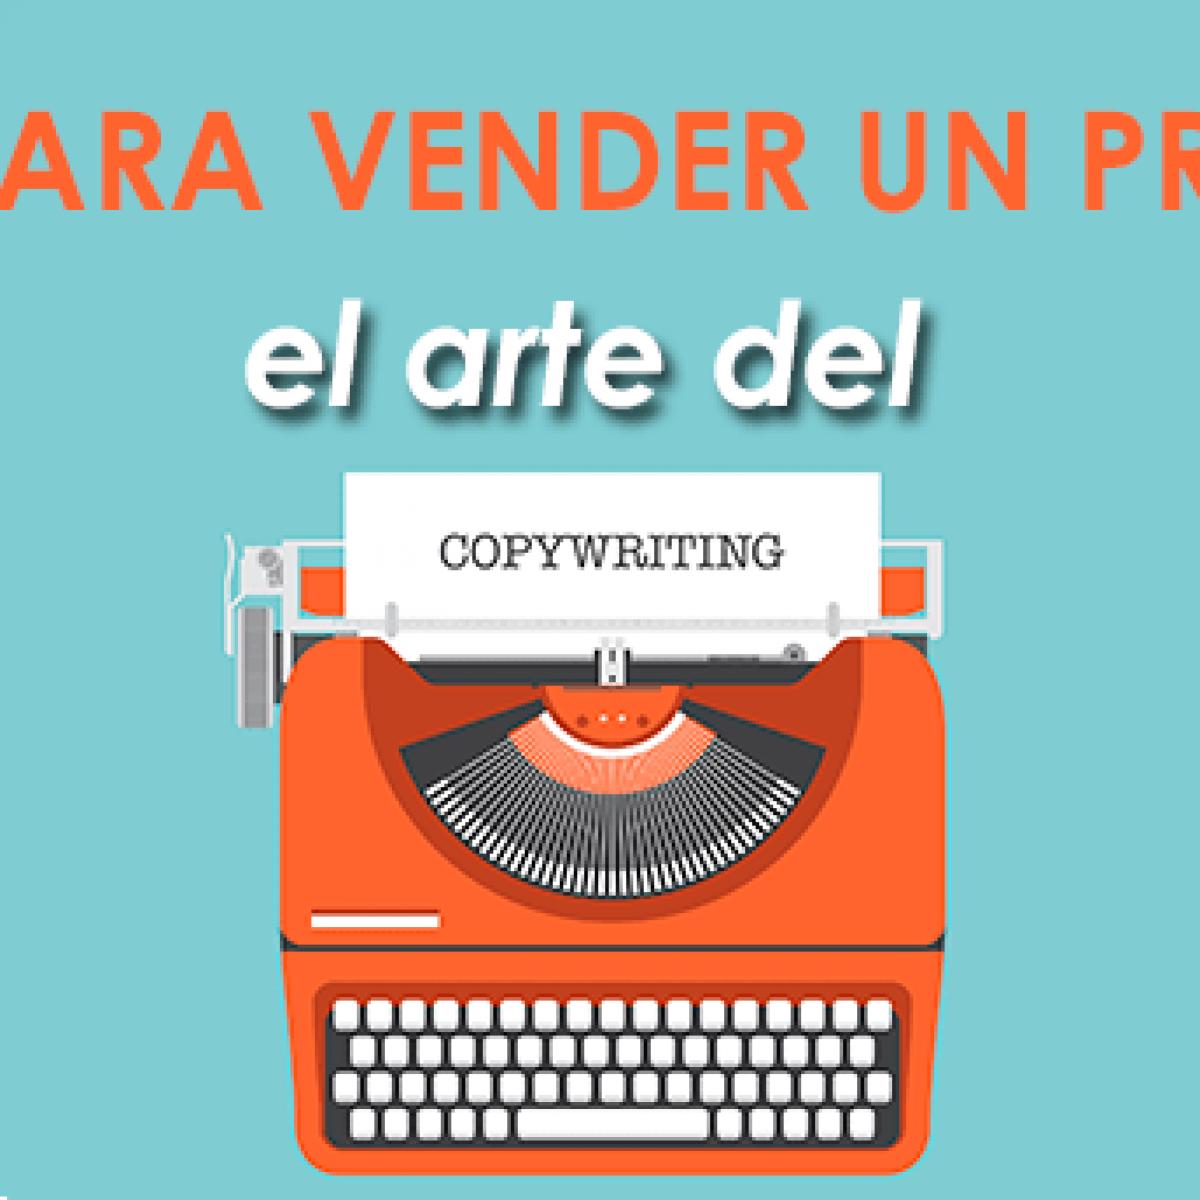 Frases Para Vender Un Producto El Arte Del Copywriting